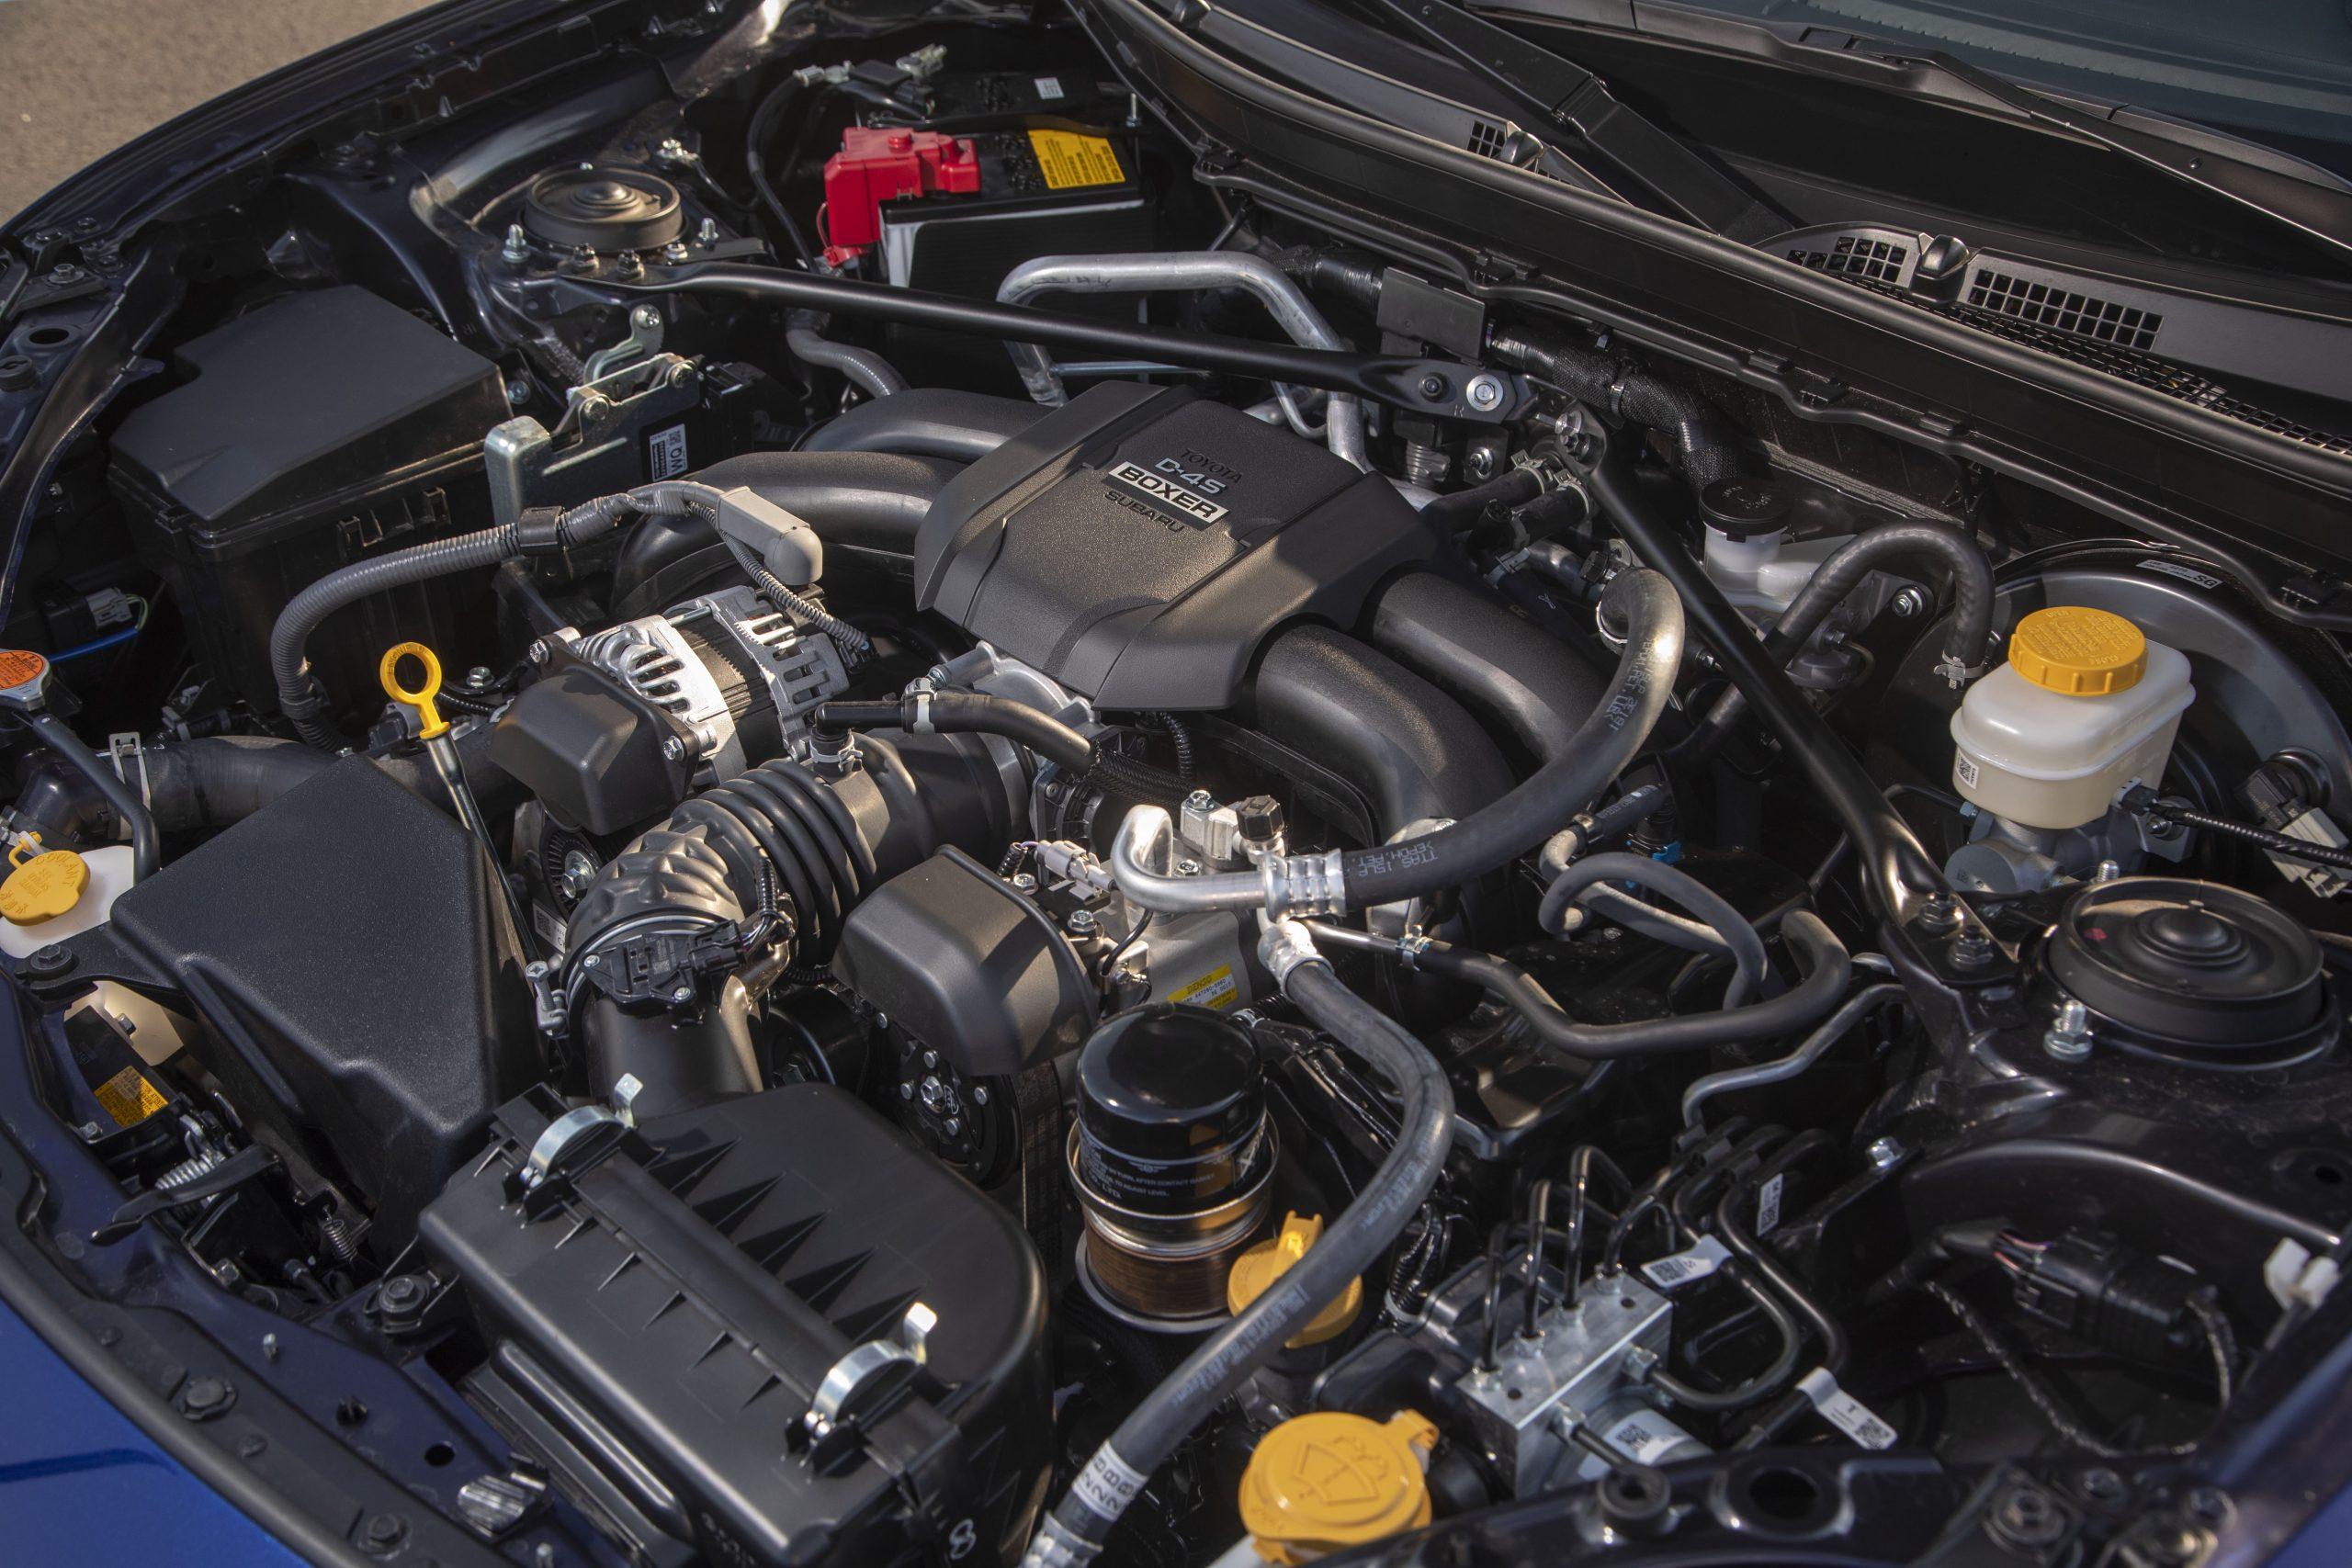 2022 Subaru BRZ engine angle